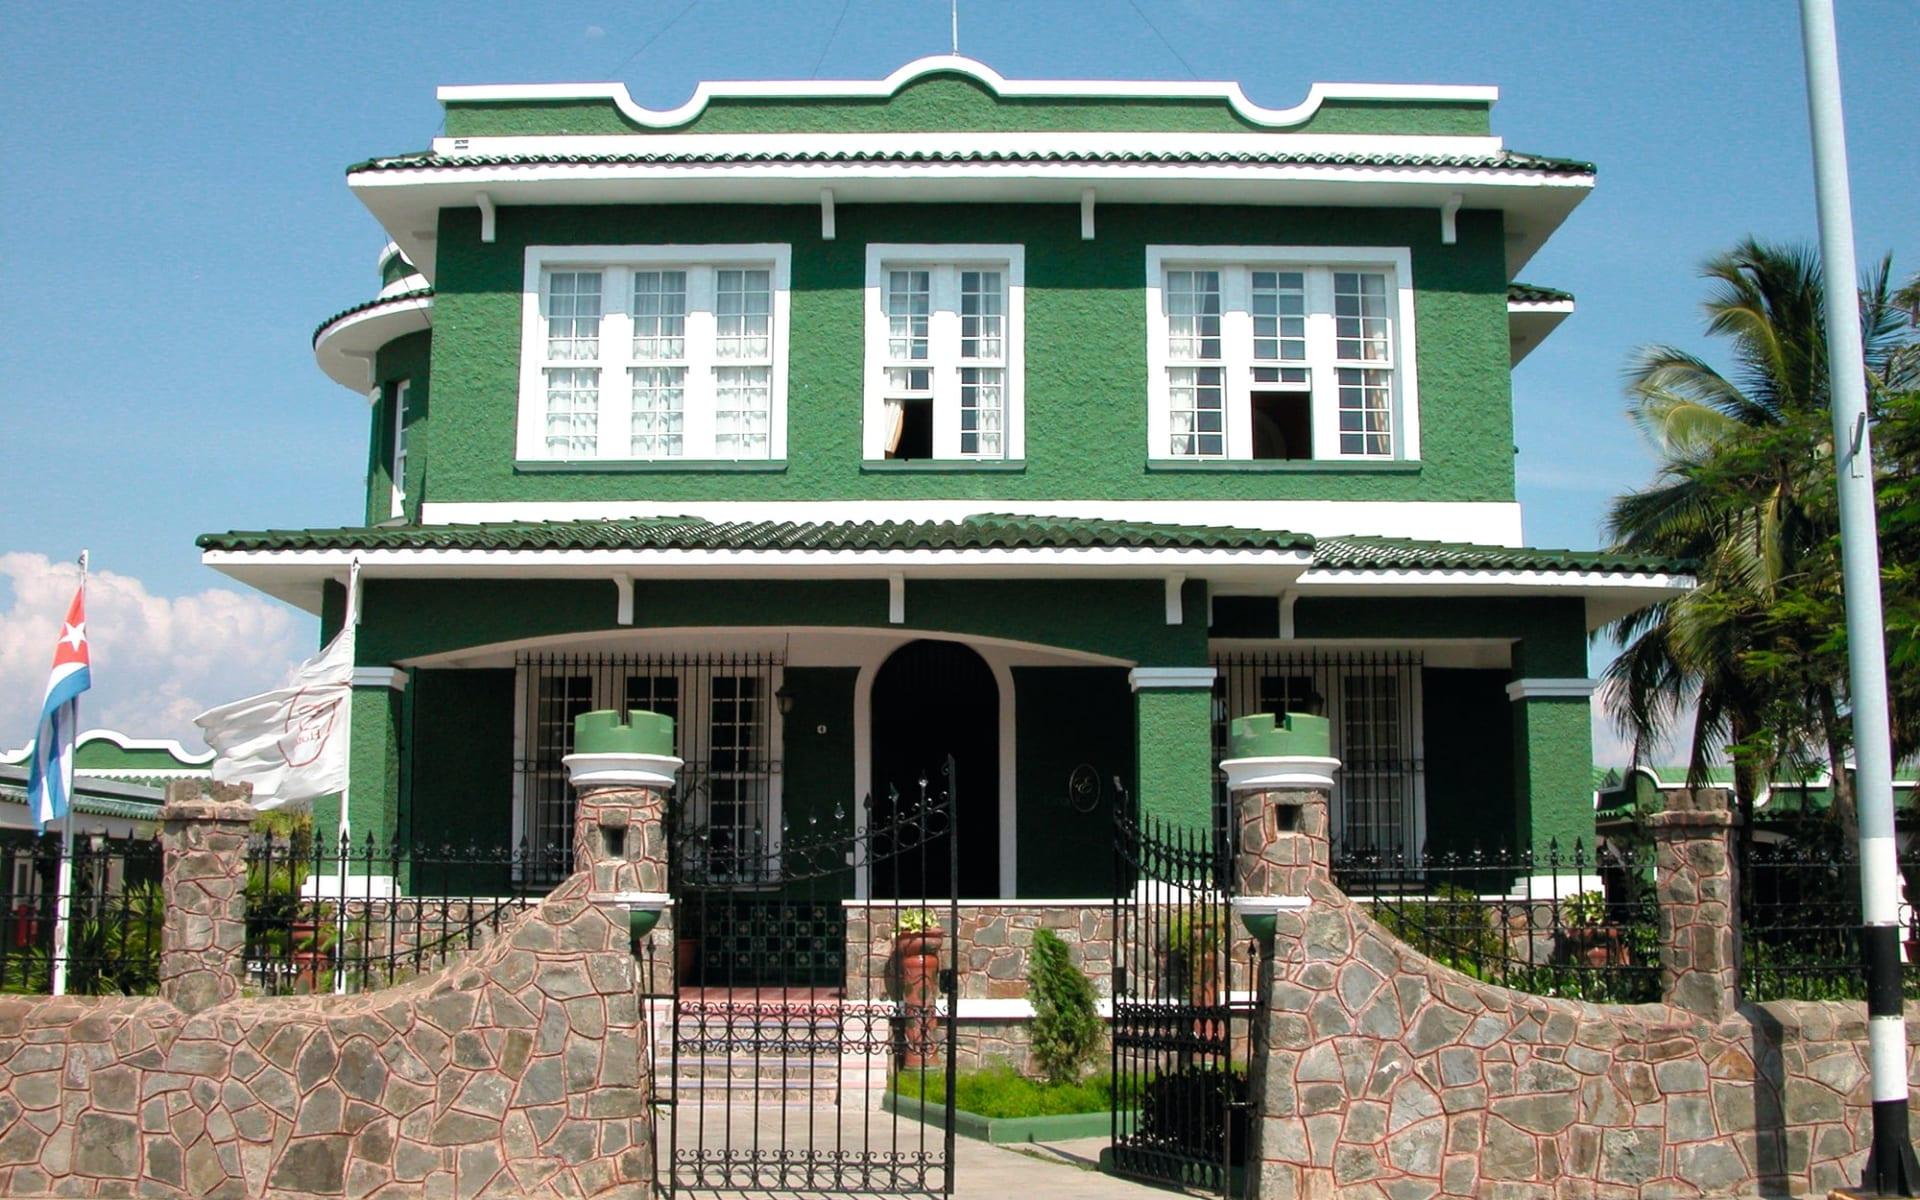 Casa Verde in Cienfuegos:  Casa Verde Cienfuegos - Aussenanschit c Hotel